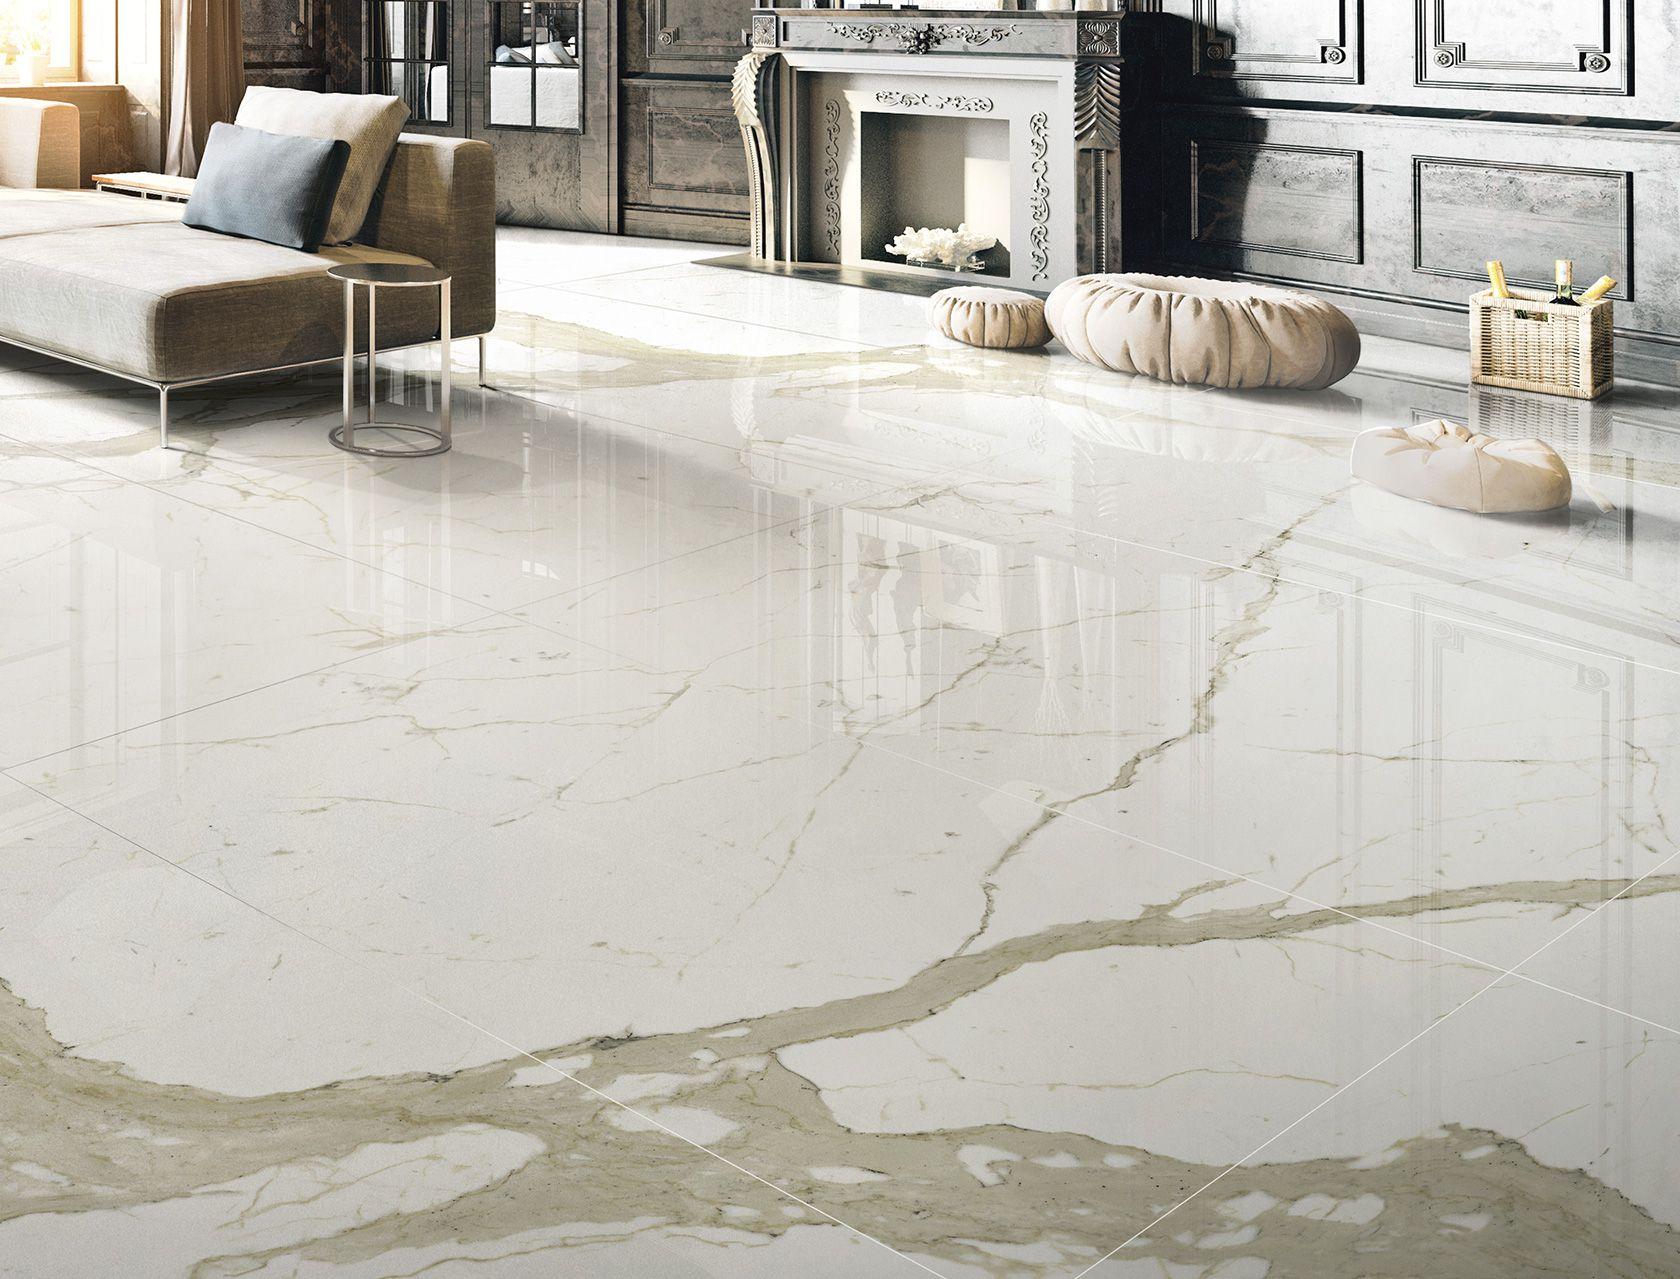 Fragen und Antworten zu Reinigung und Pflege des Fußbodens